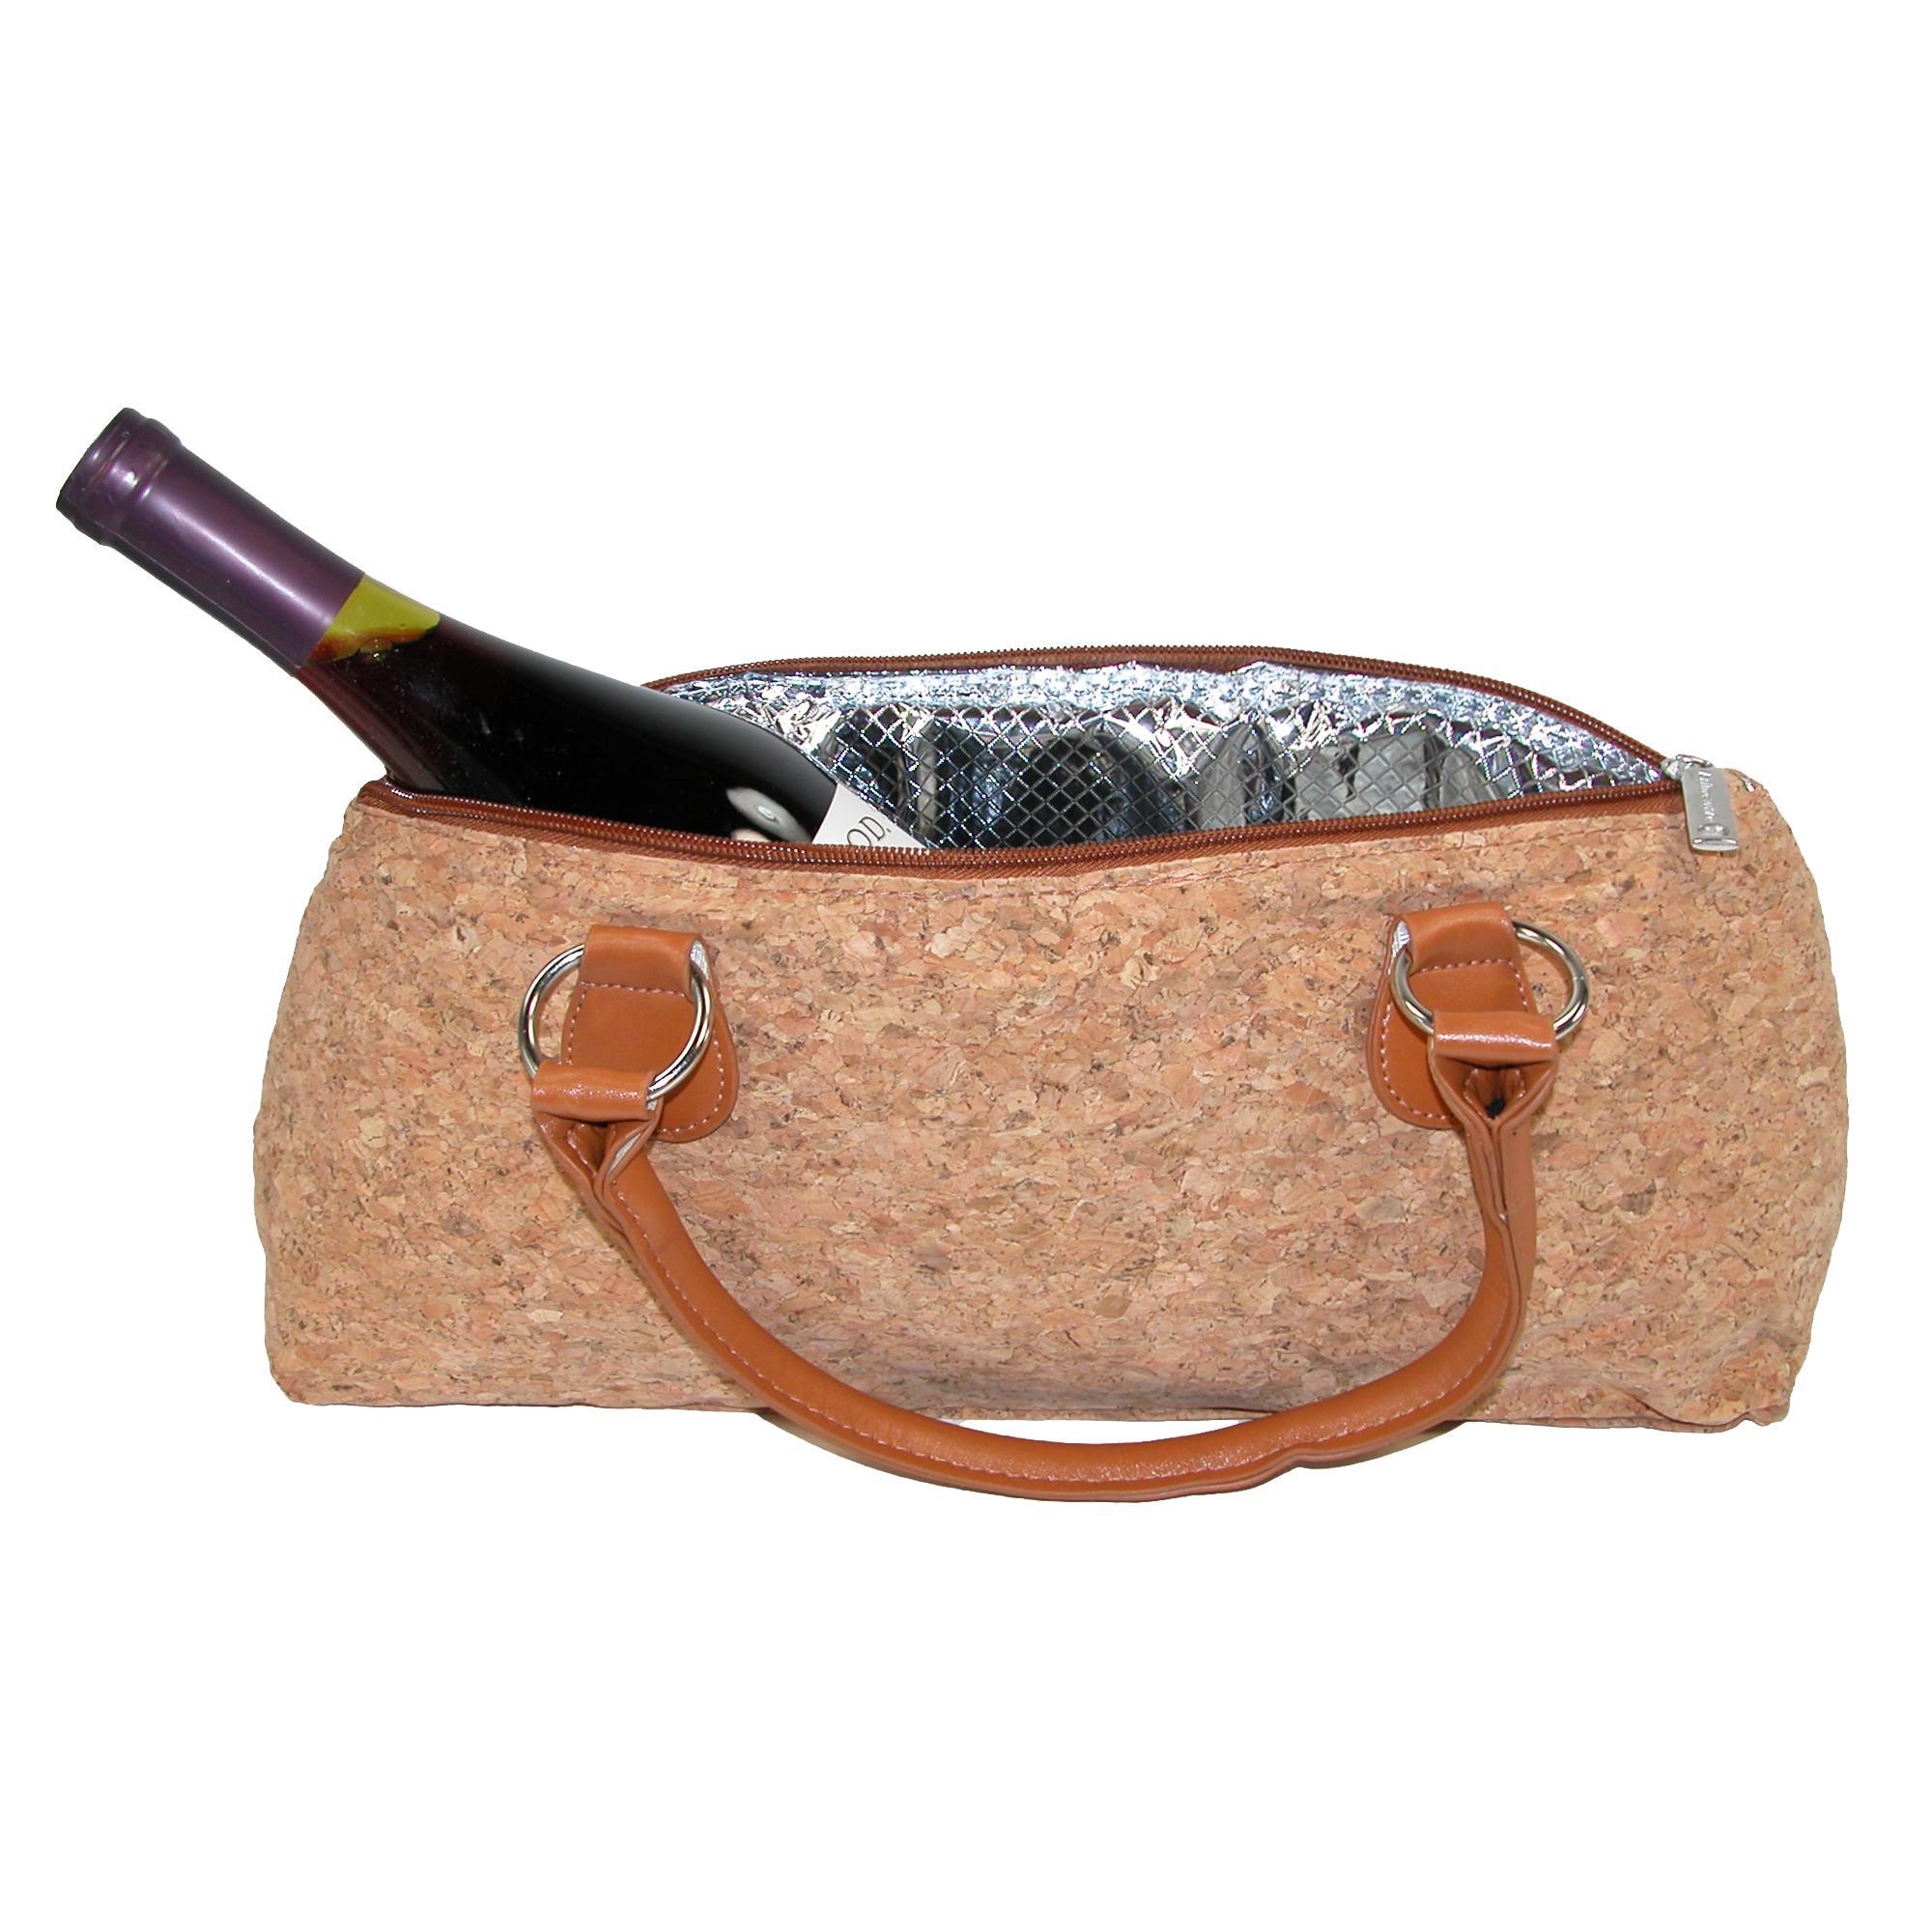 Primeware Insulated Cork Finish Wine Bottle Clutch